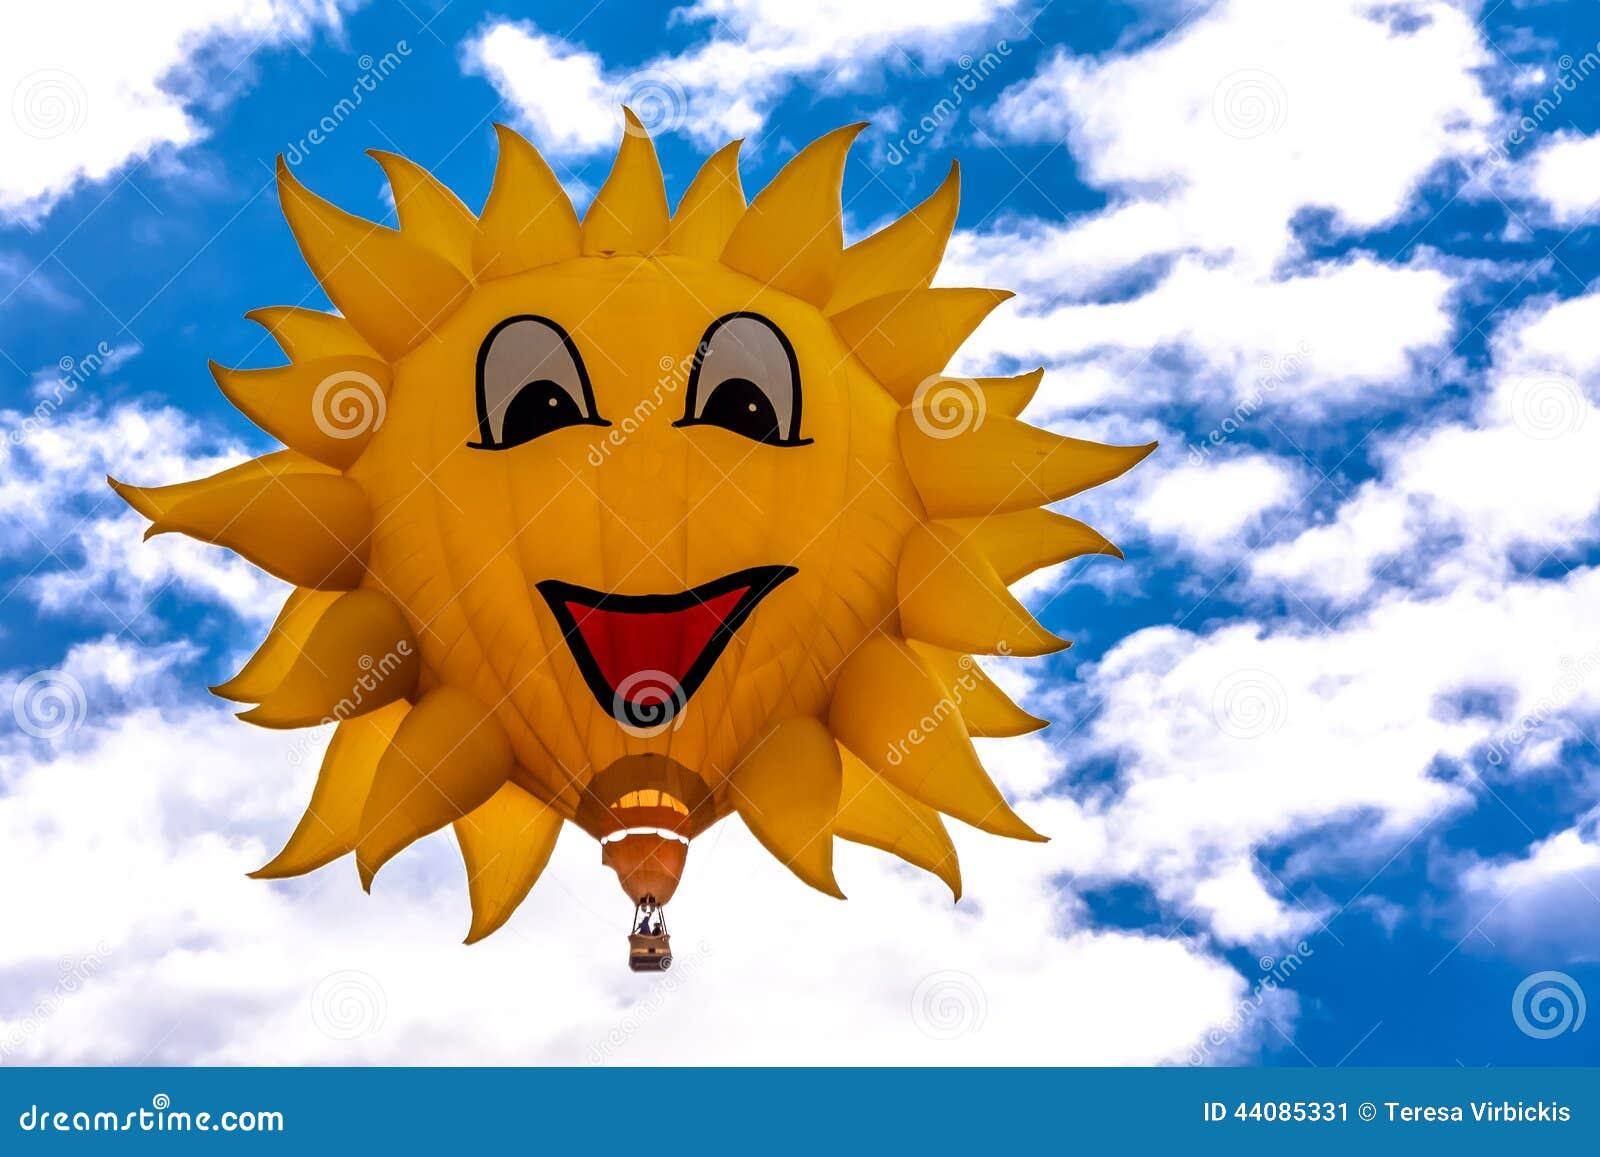 太阳塑造了漂浮反对与白色松的云彩的明亮的蓝色夏天天空的热空气气球图片